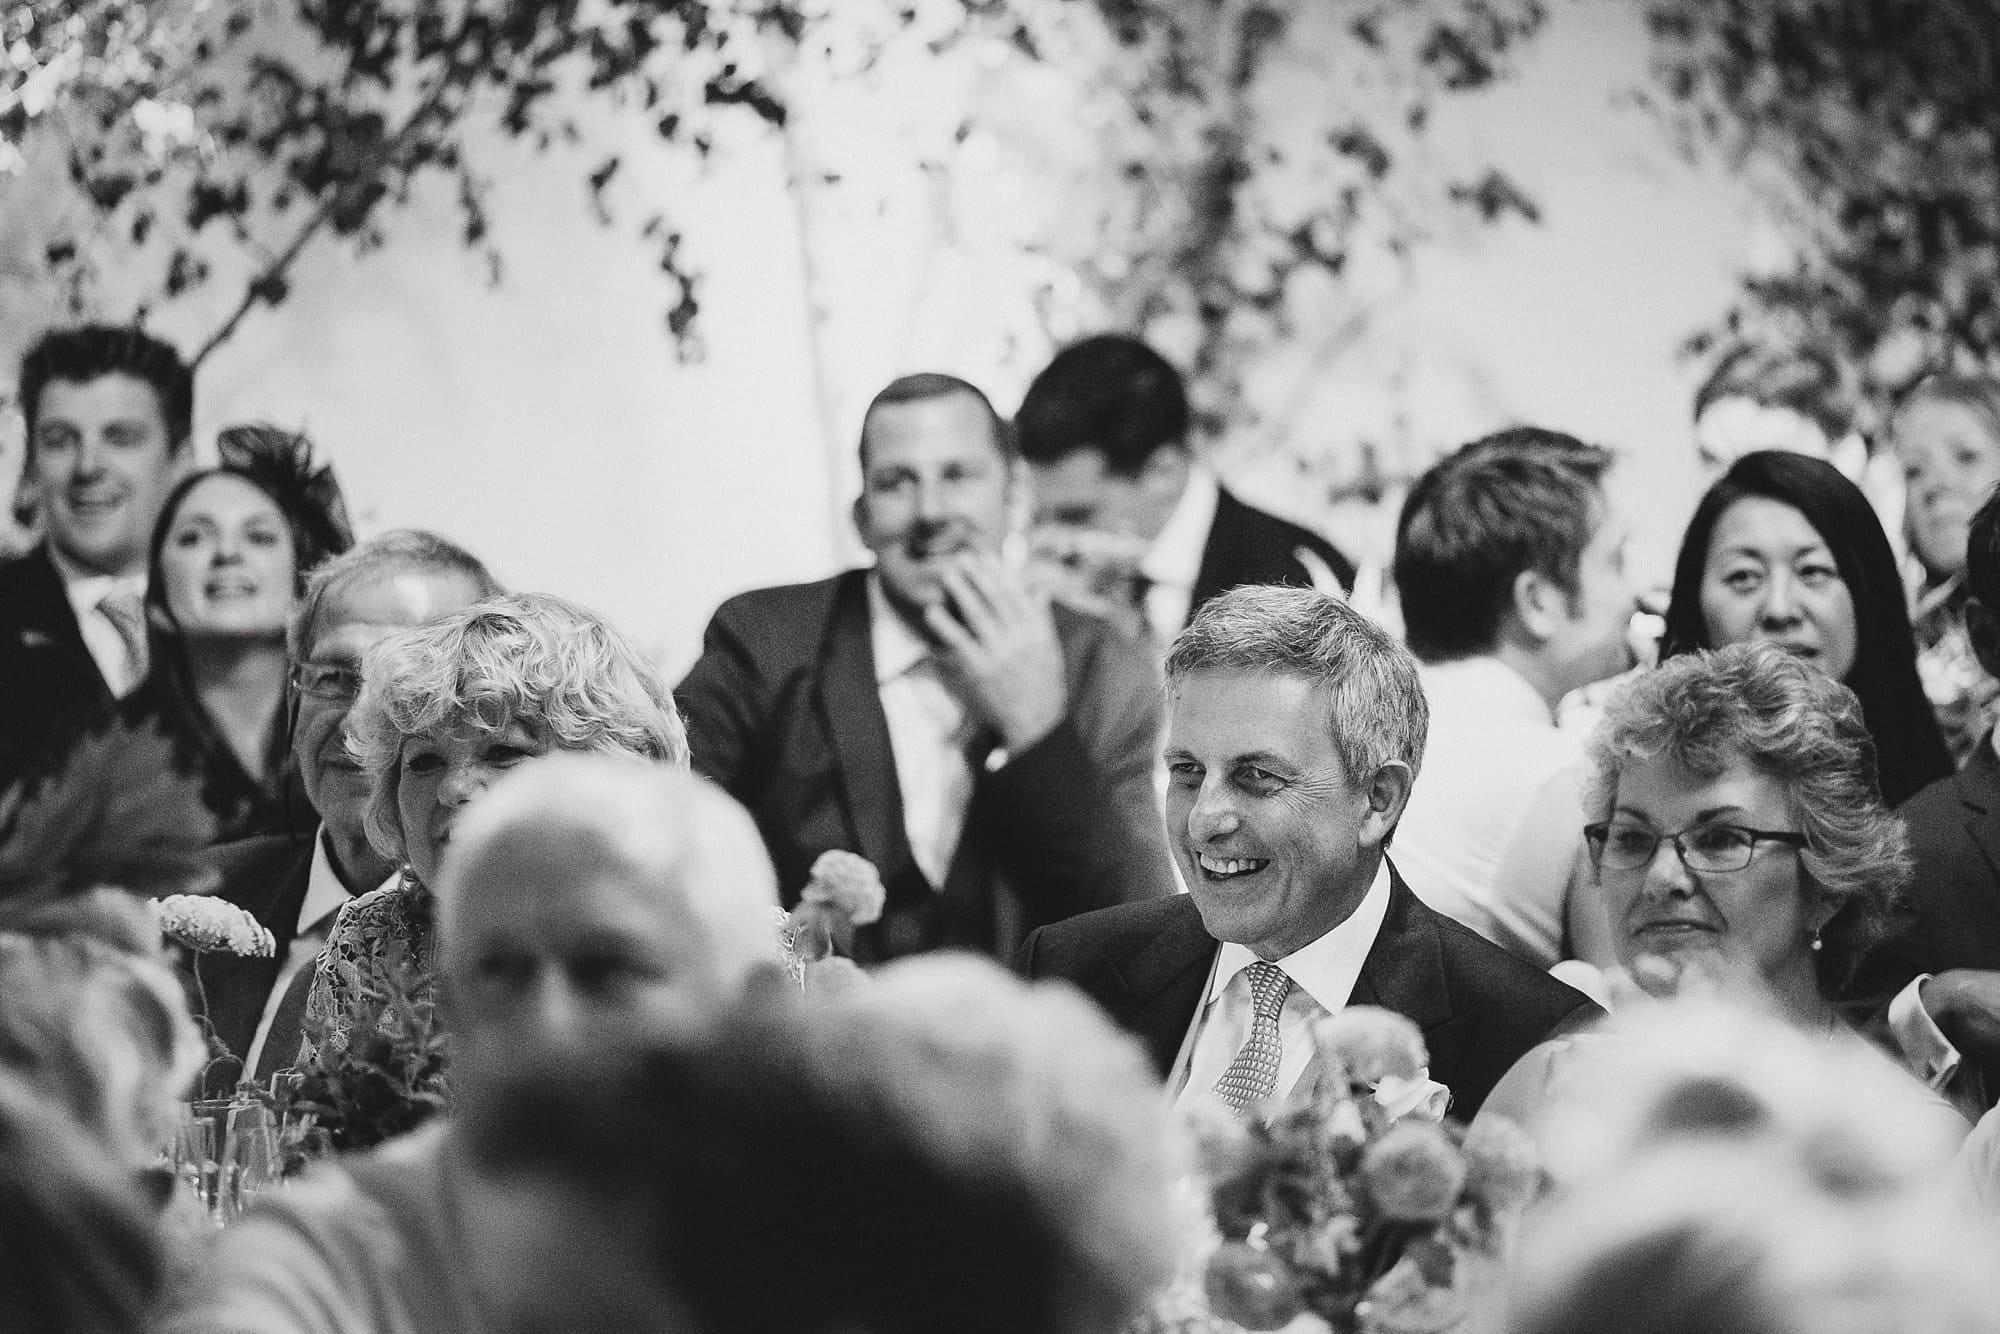 fulham palace wedding photographer 076 - Rosanna + Duncan | Fulham